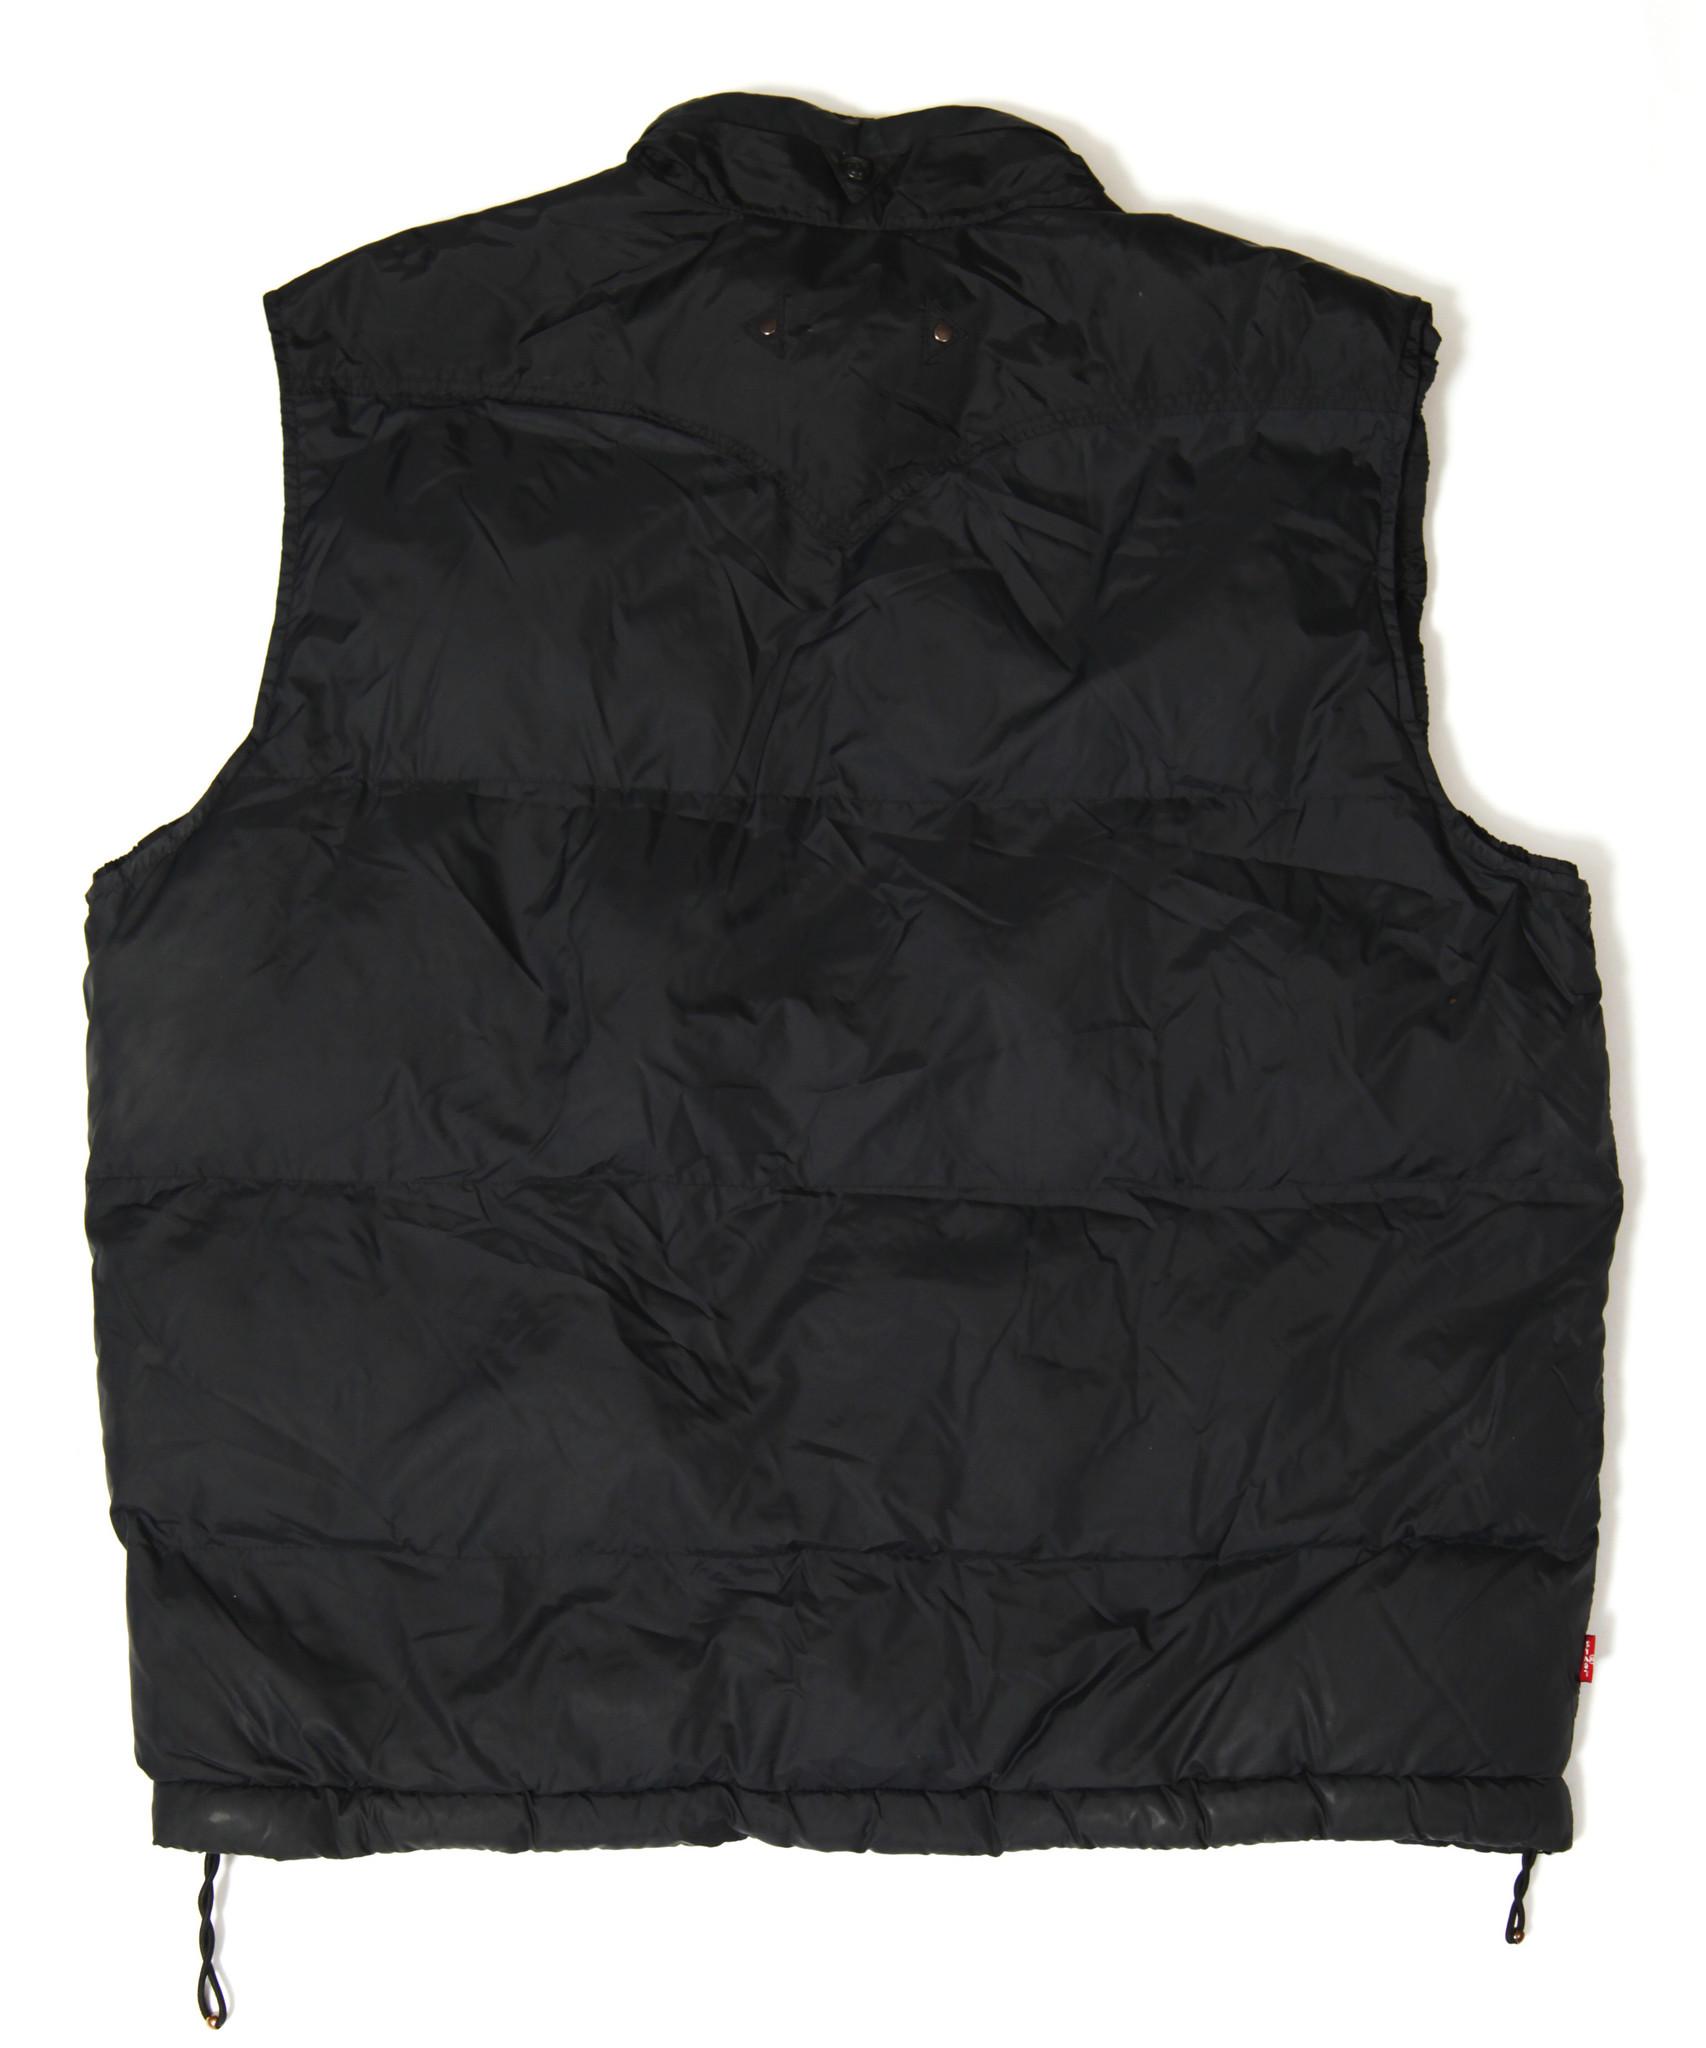 Black 90s Levi's bodywarmer